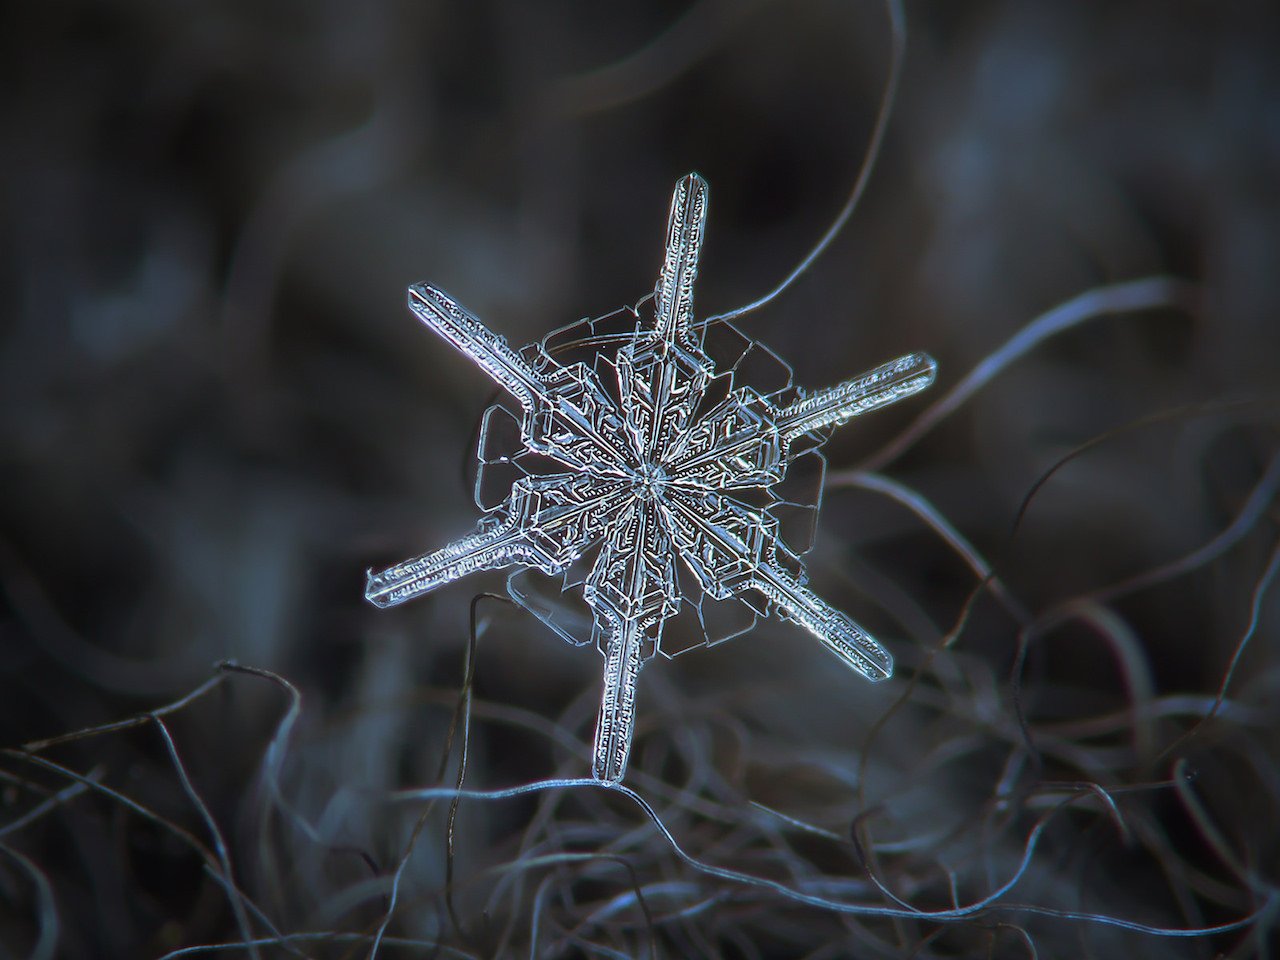 聖なるいのちの水・その神秘 「雪の結晶」──美しき自然界の芸術世界